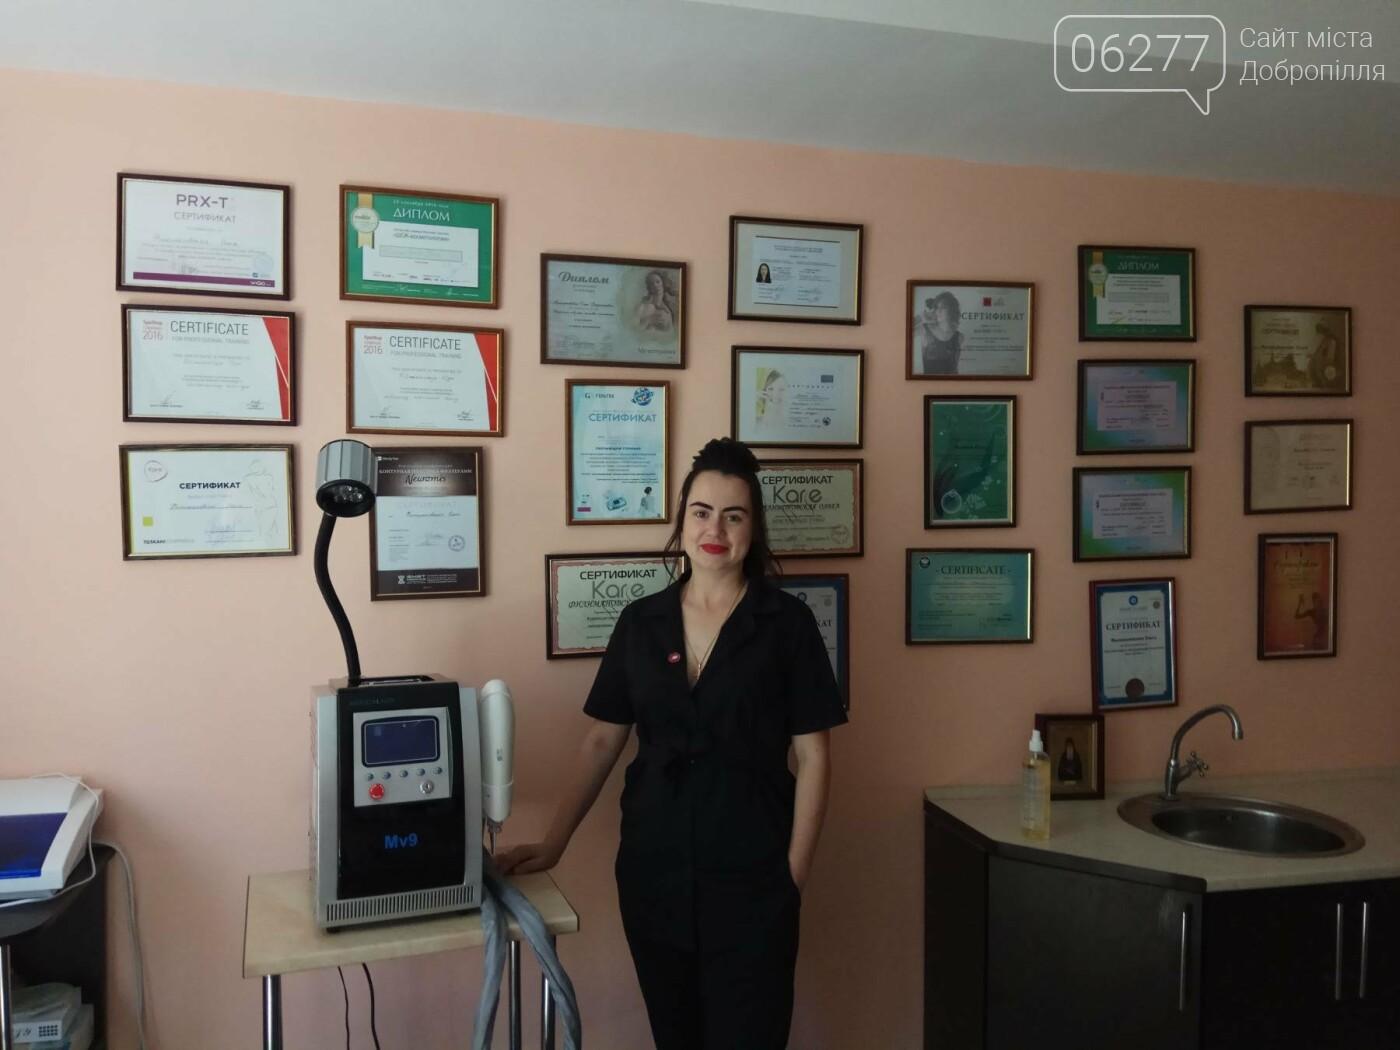 """У Добропіллі відбулося відкриття оздоровчо-естетичного центру  """"Матері і дитини"""", фото-1"""